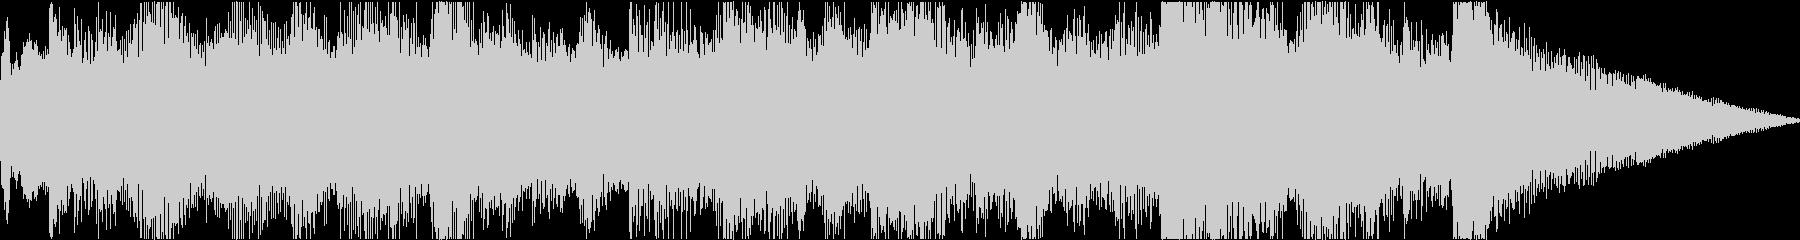 【15秒】プロローグ的な/TVCM用の未再生の波形